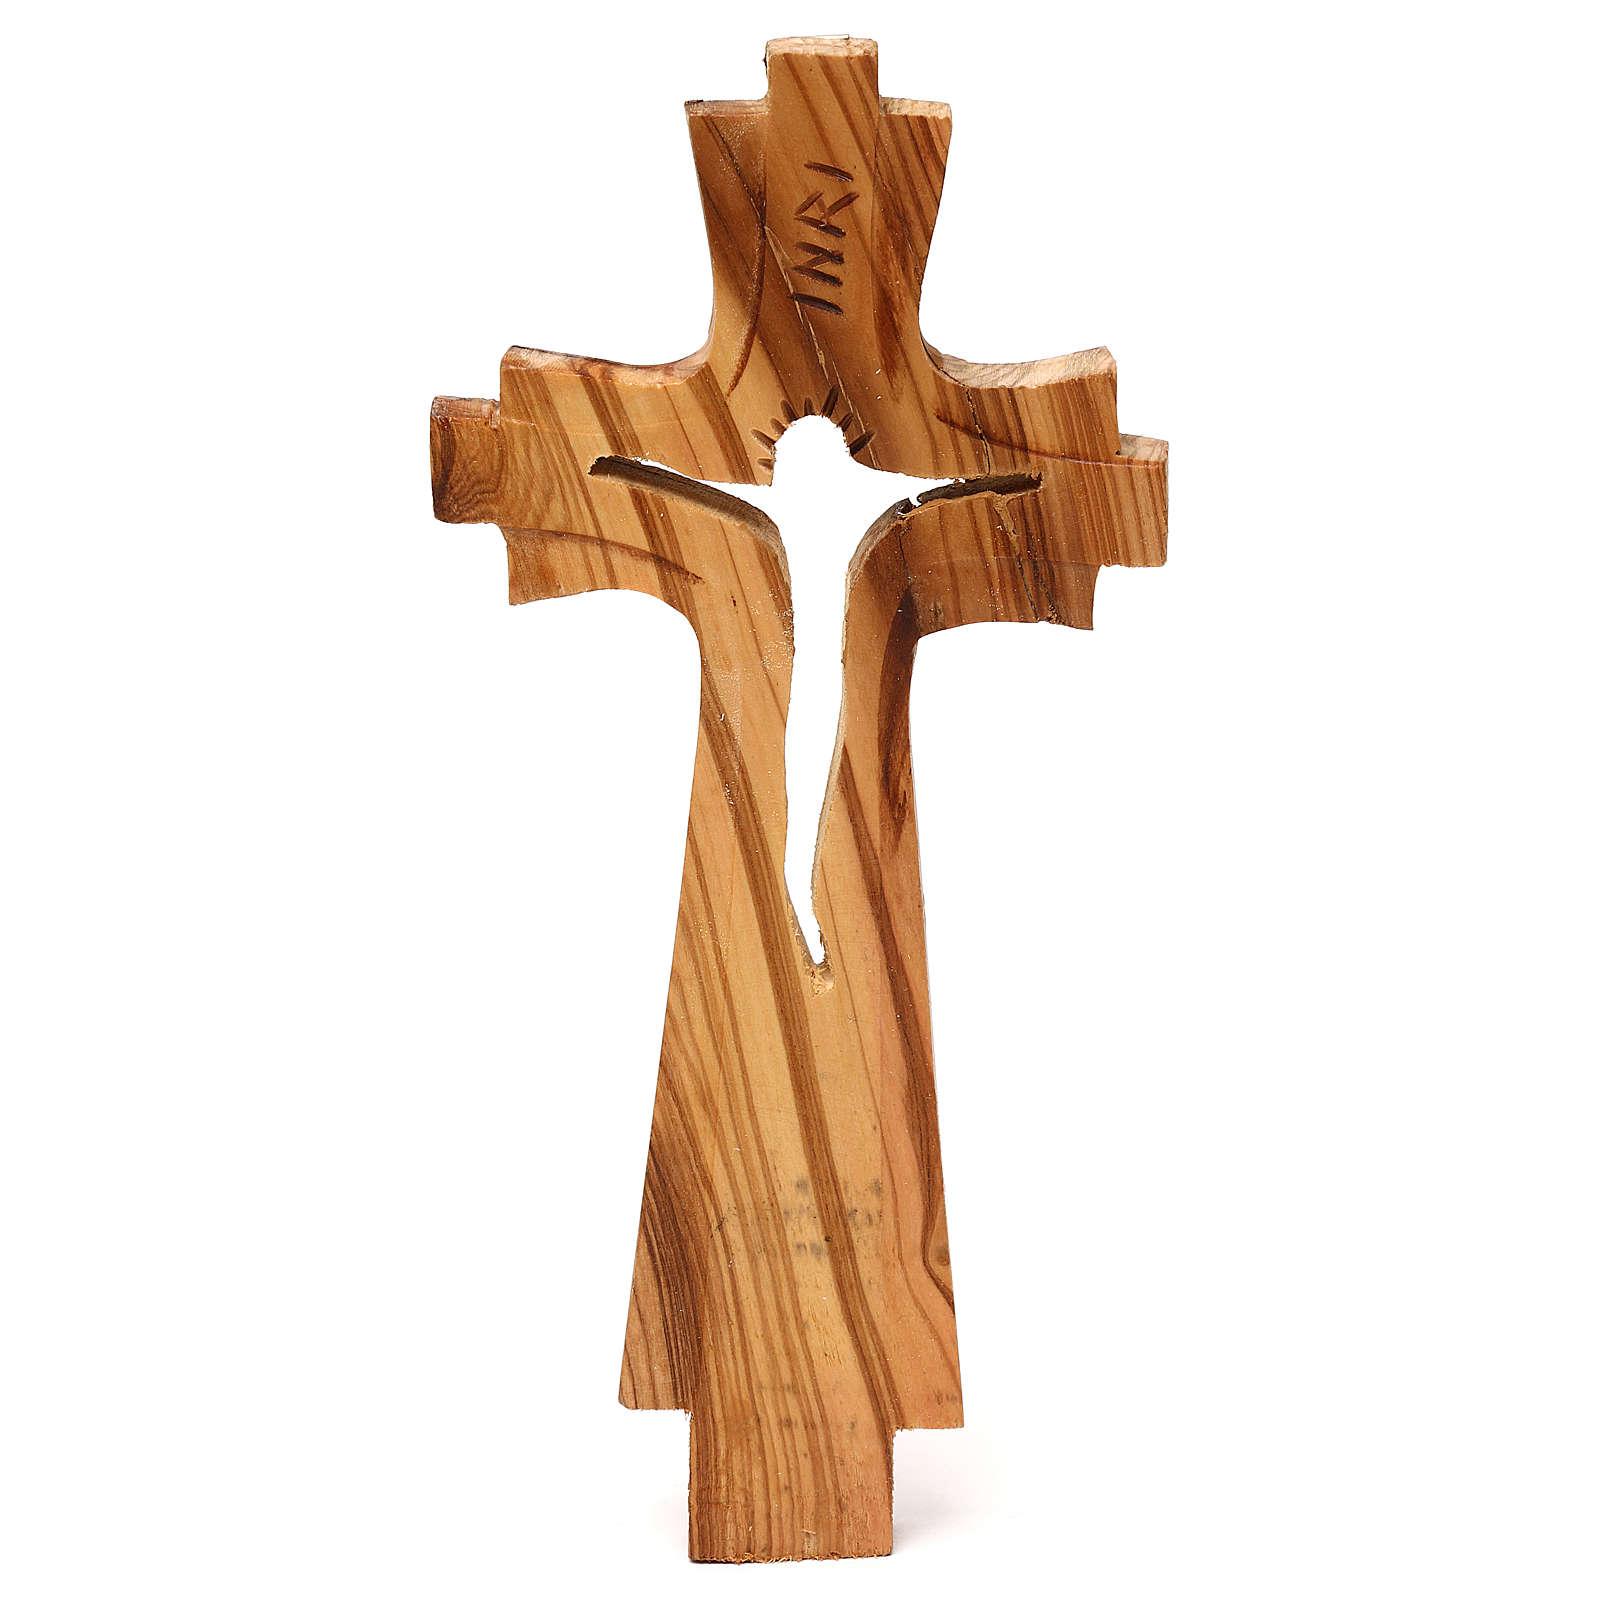 Crocifisso di legno d'ulivo intagliato Medjugorje 23x10 cm 4